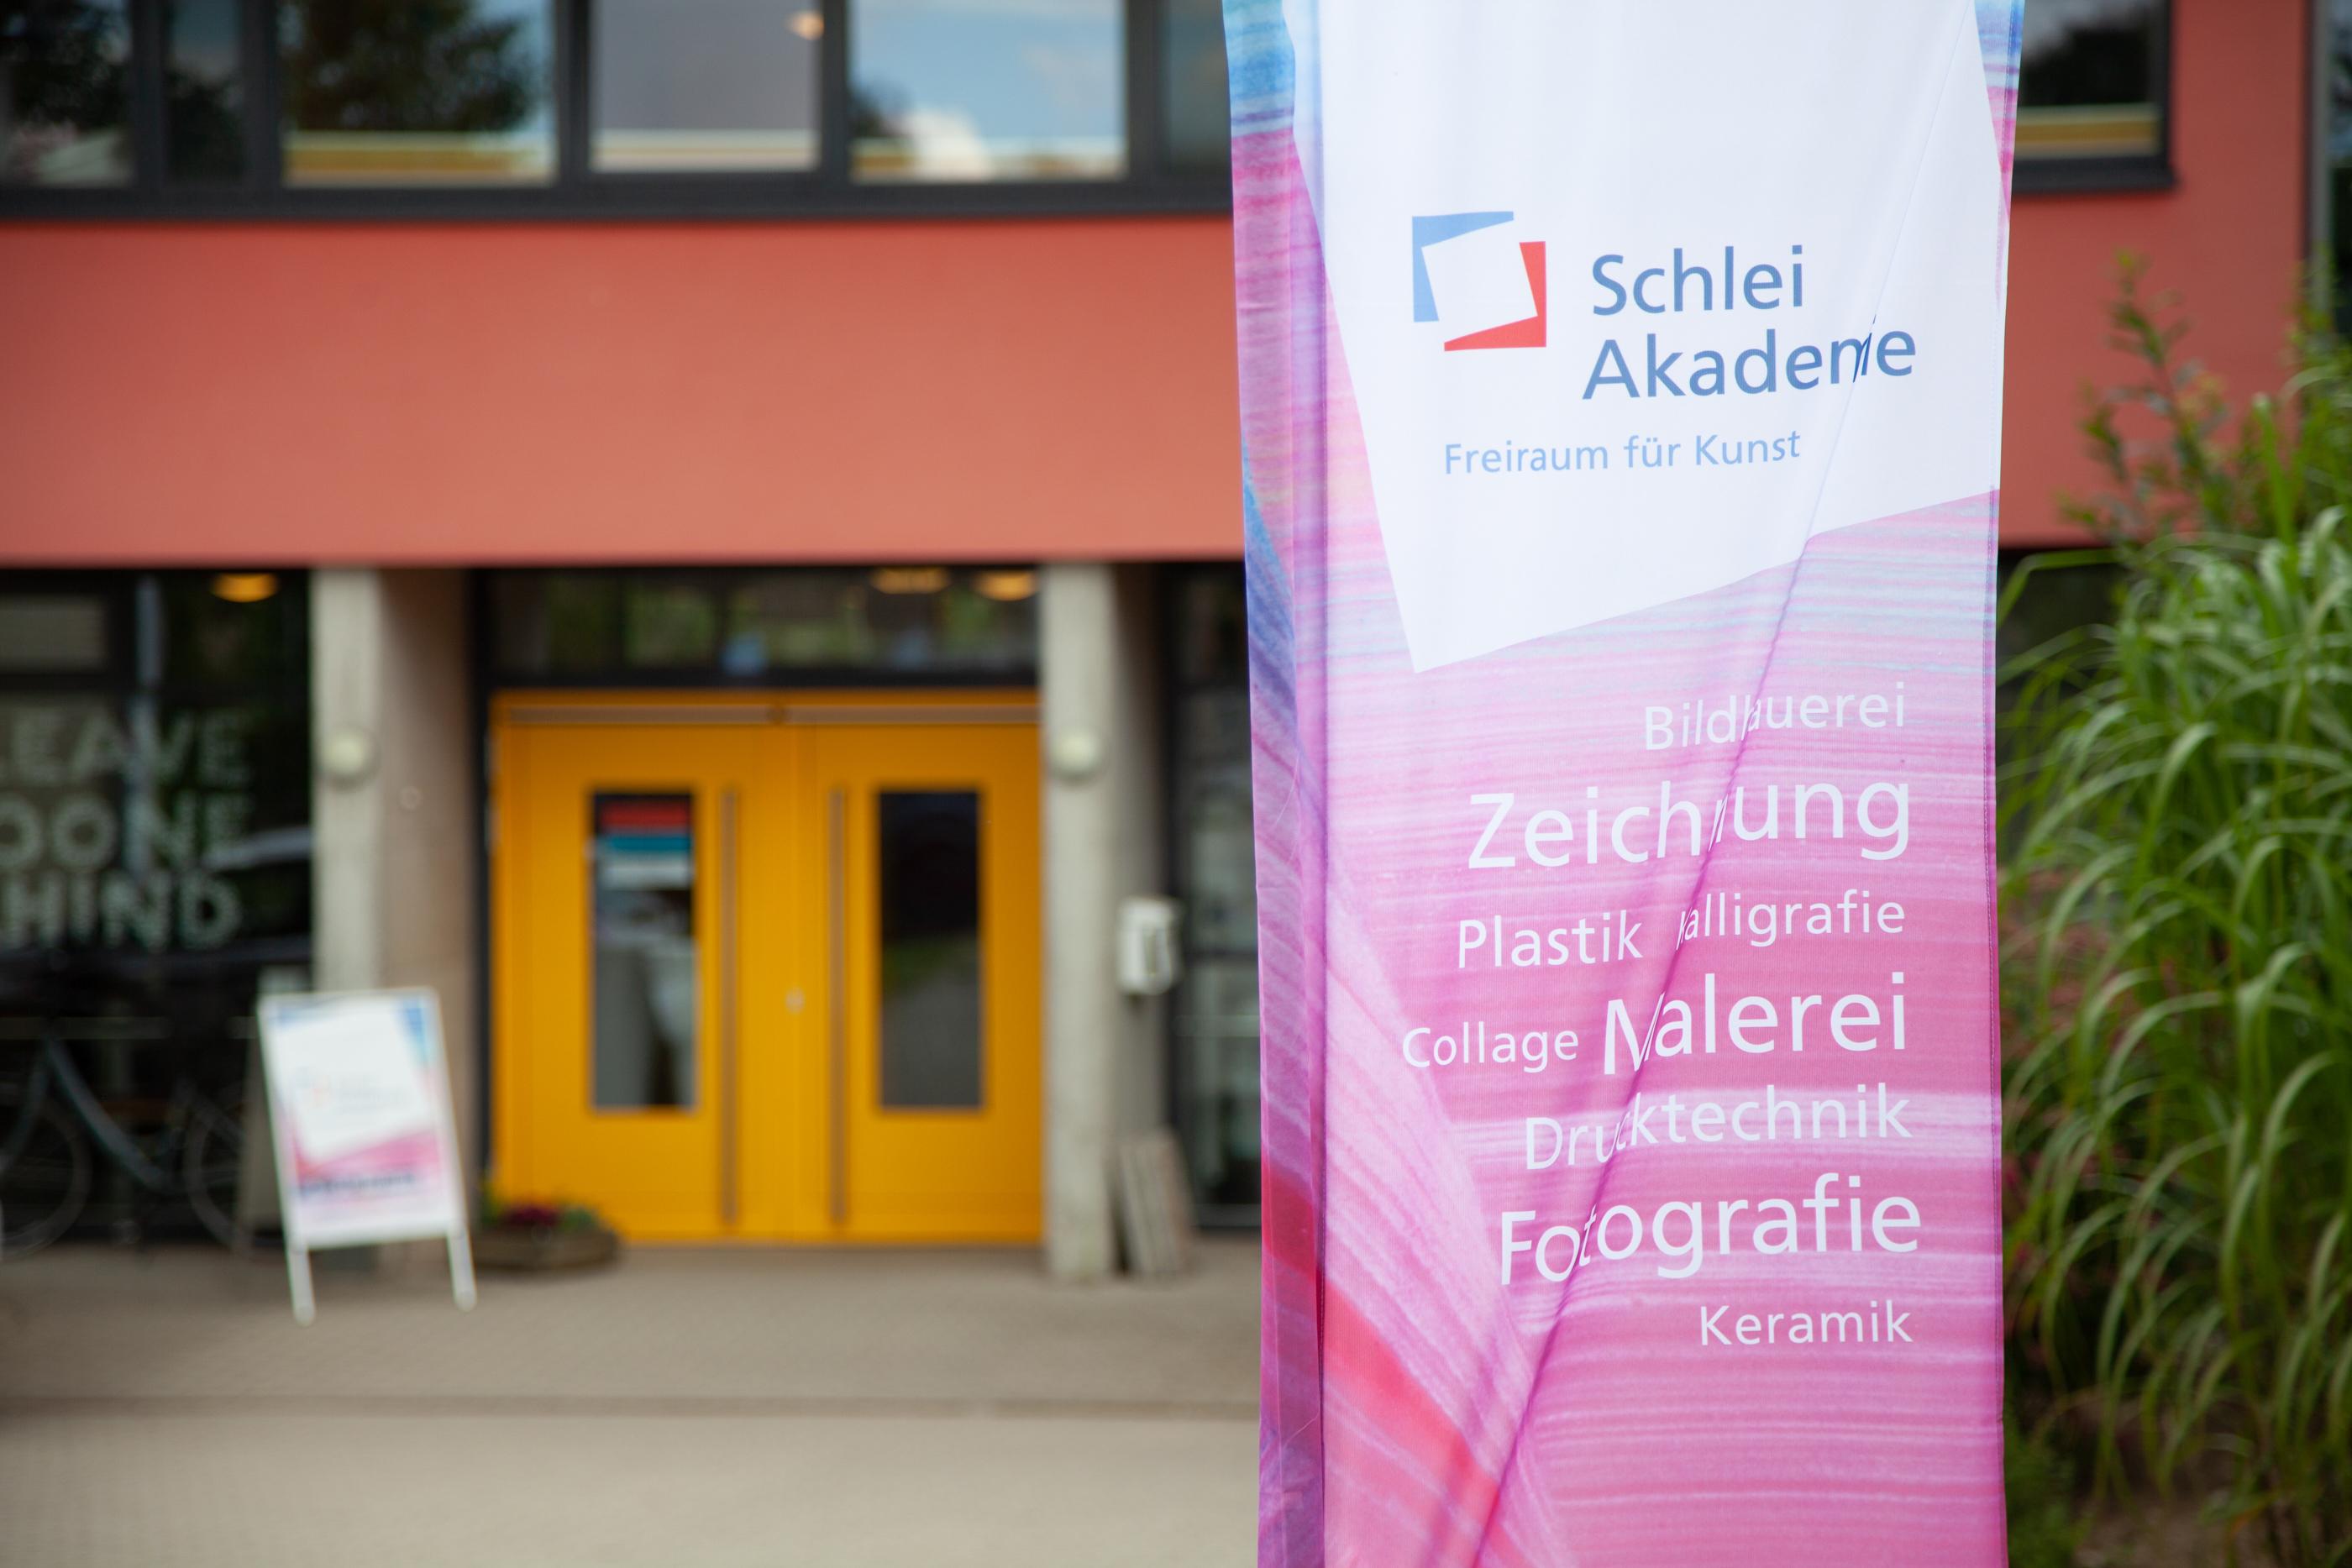 Das Bild zeigt die Eingangstür der Schlei-Akademie